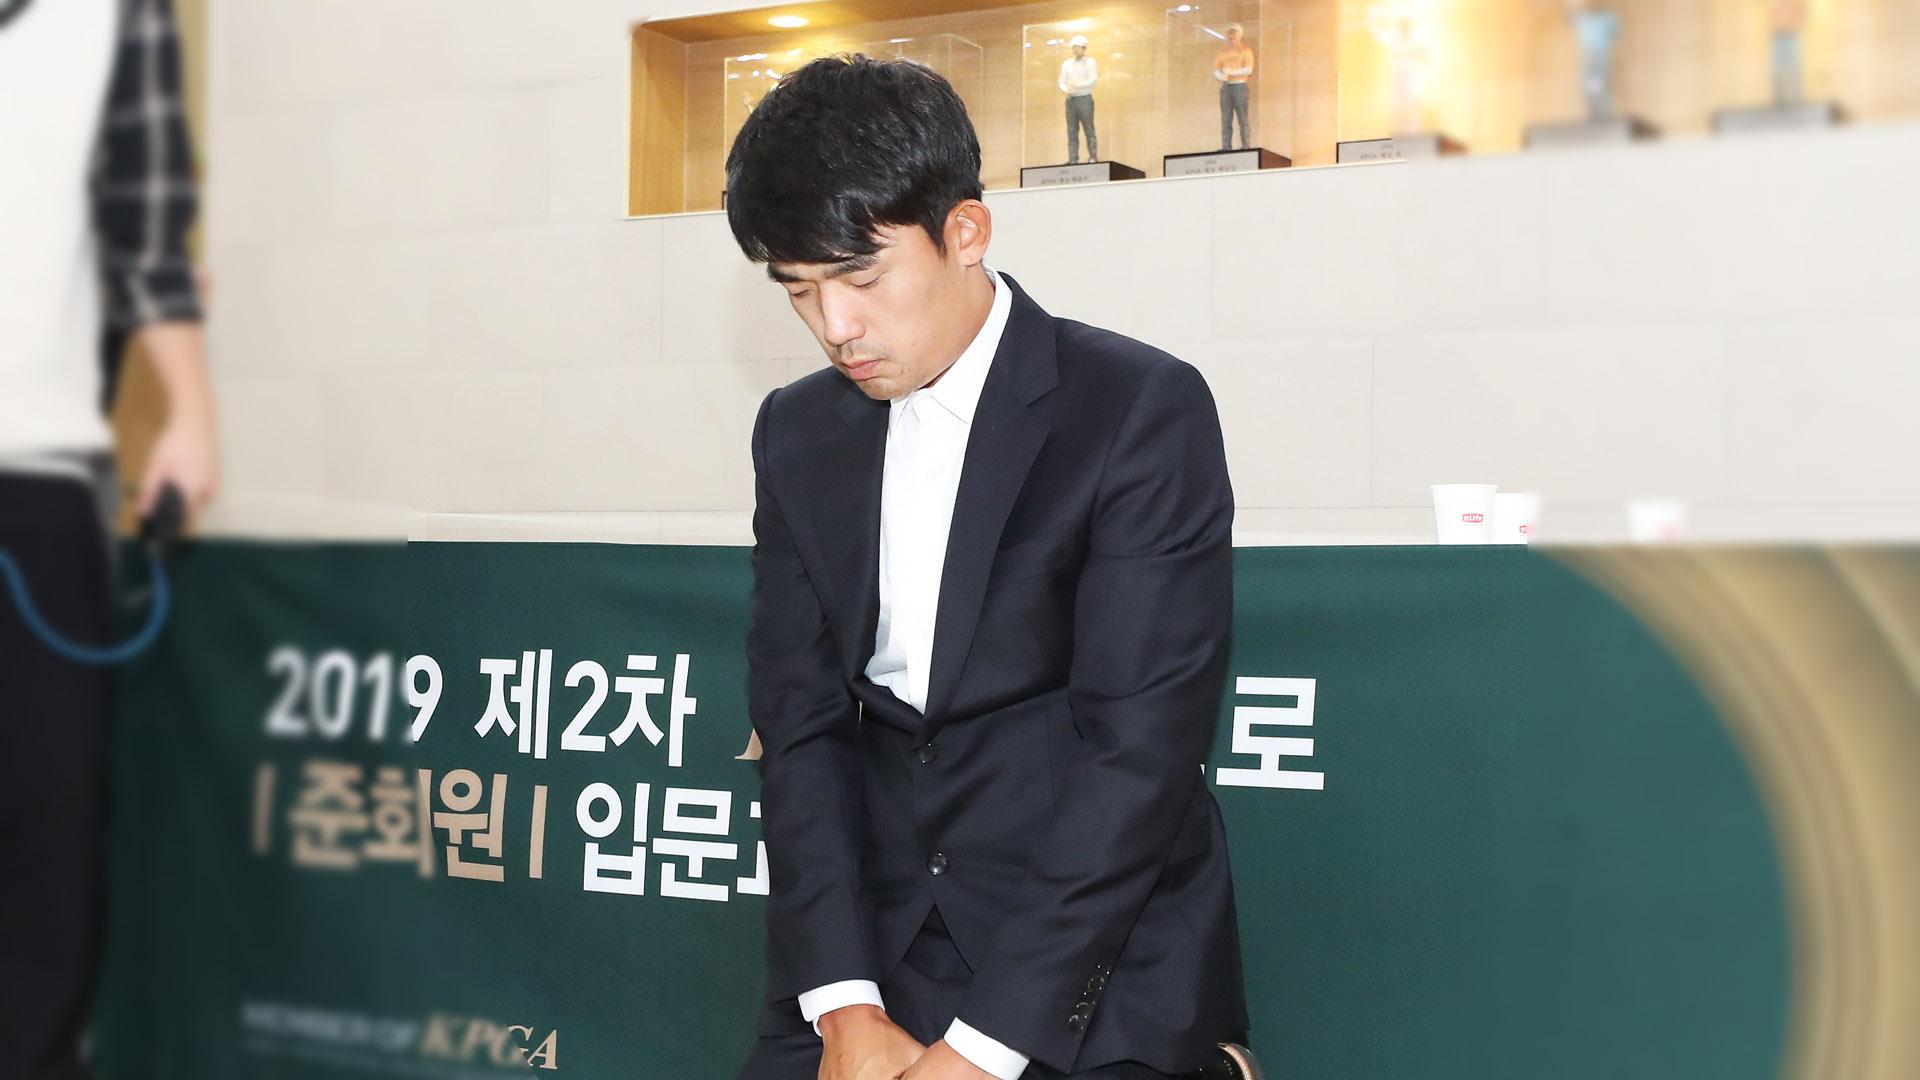 [SNS 핫피플] 손가락 욕설 김비오, 징계 해제 外